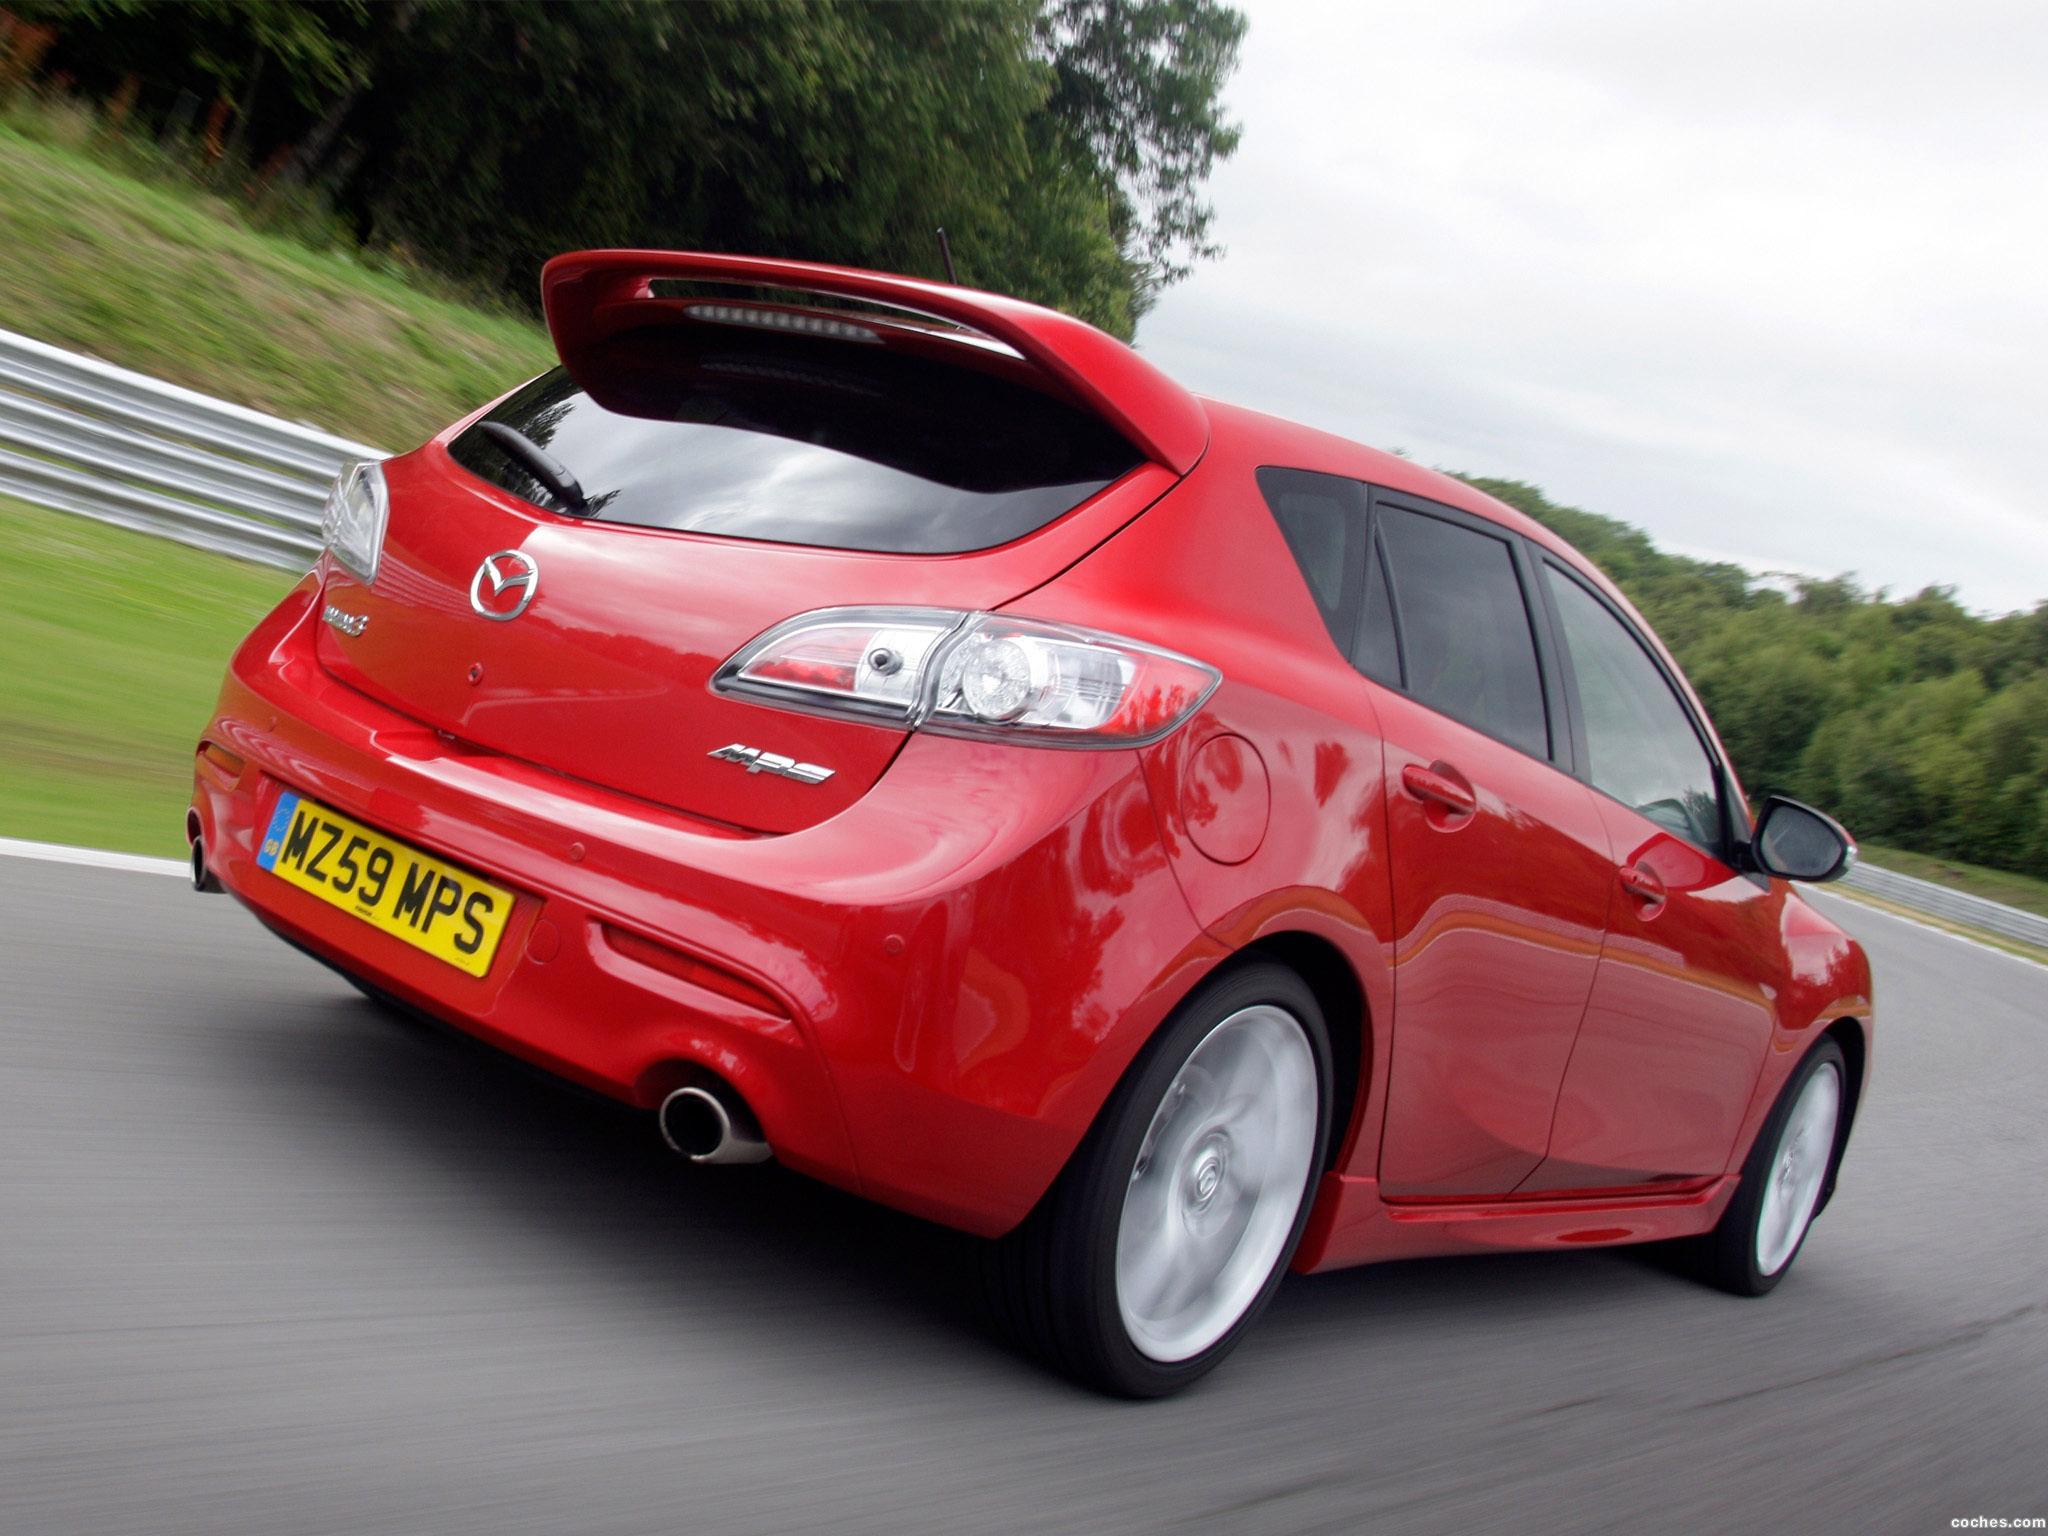 Foto 1 de Mazda 3 MPS UK 2009